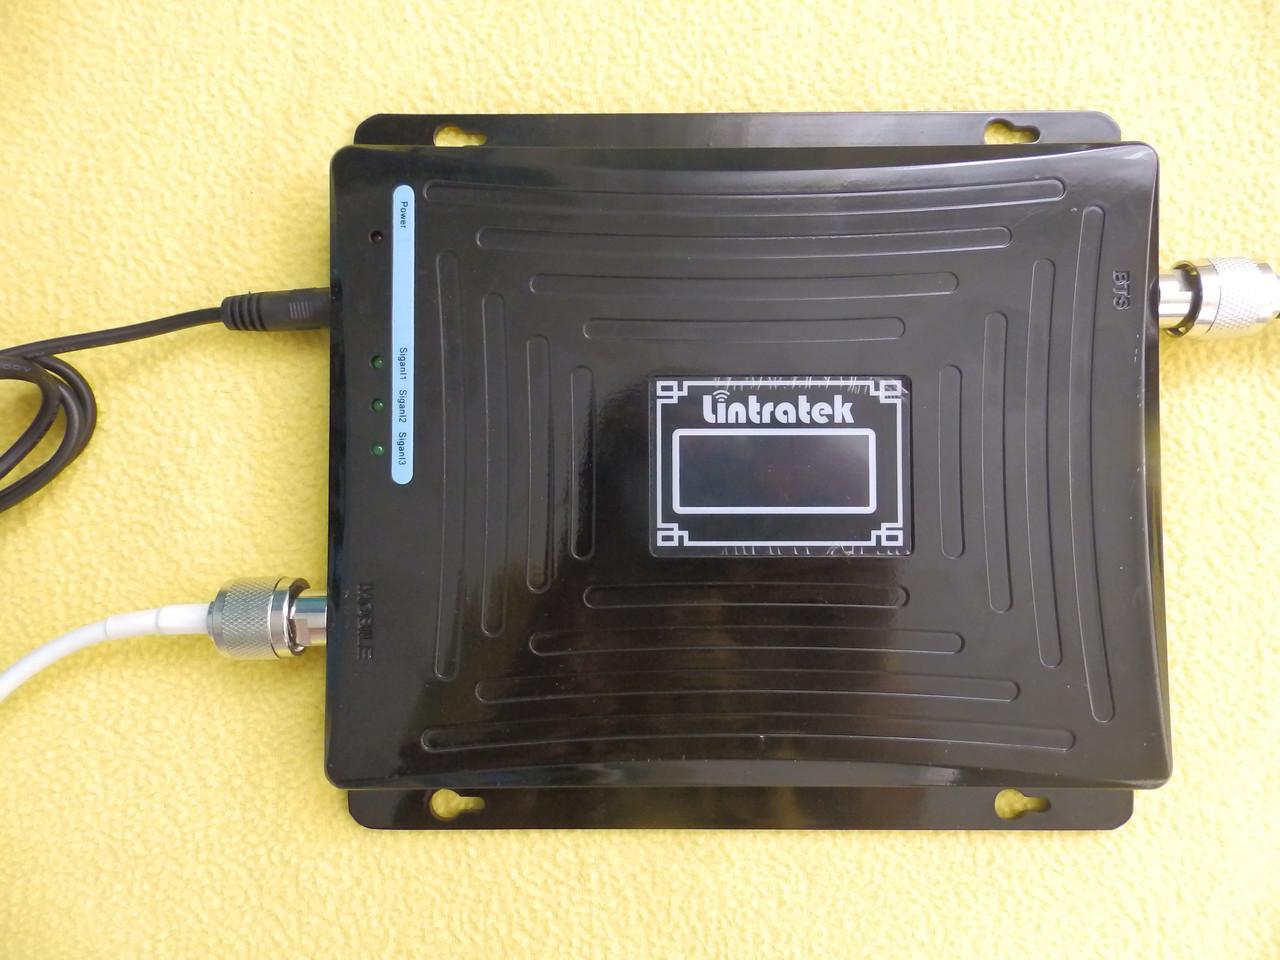 ОРИГИНАЛ 100% Усилитель Репитер Repeater сигнала мобильной связи Lintratek KW19L-GDW в Одессе